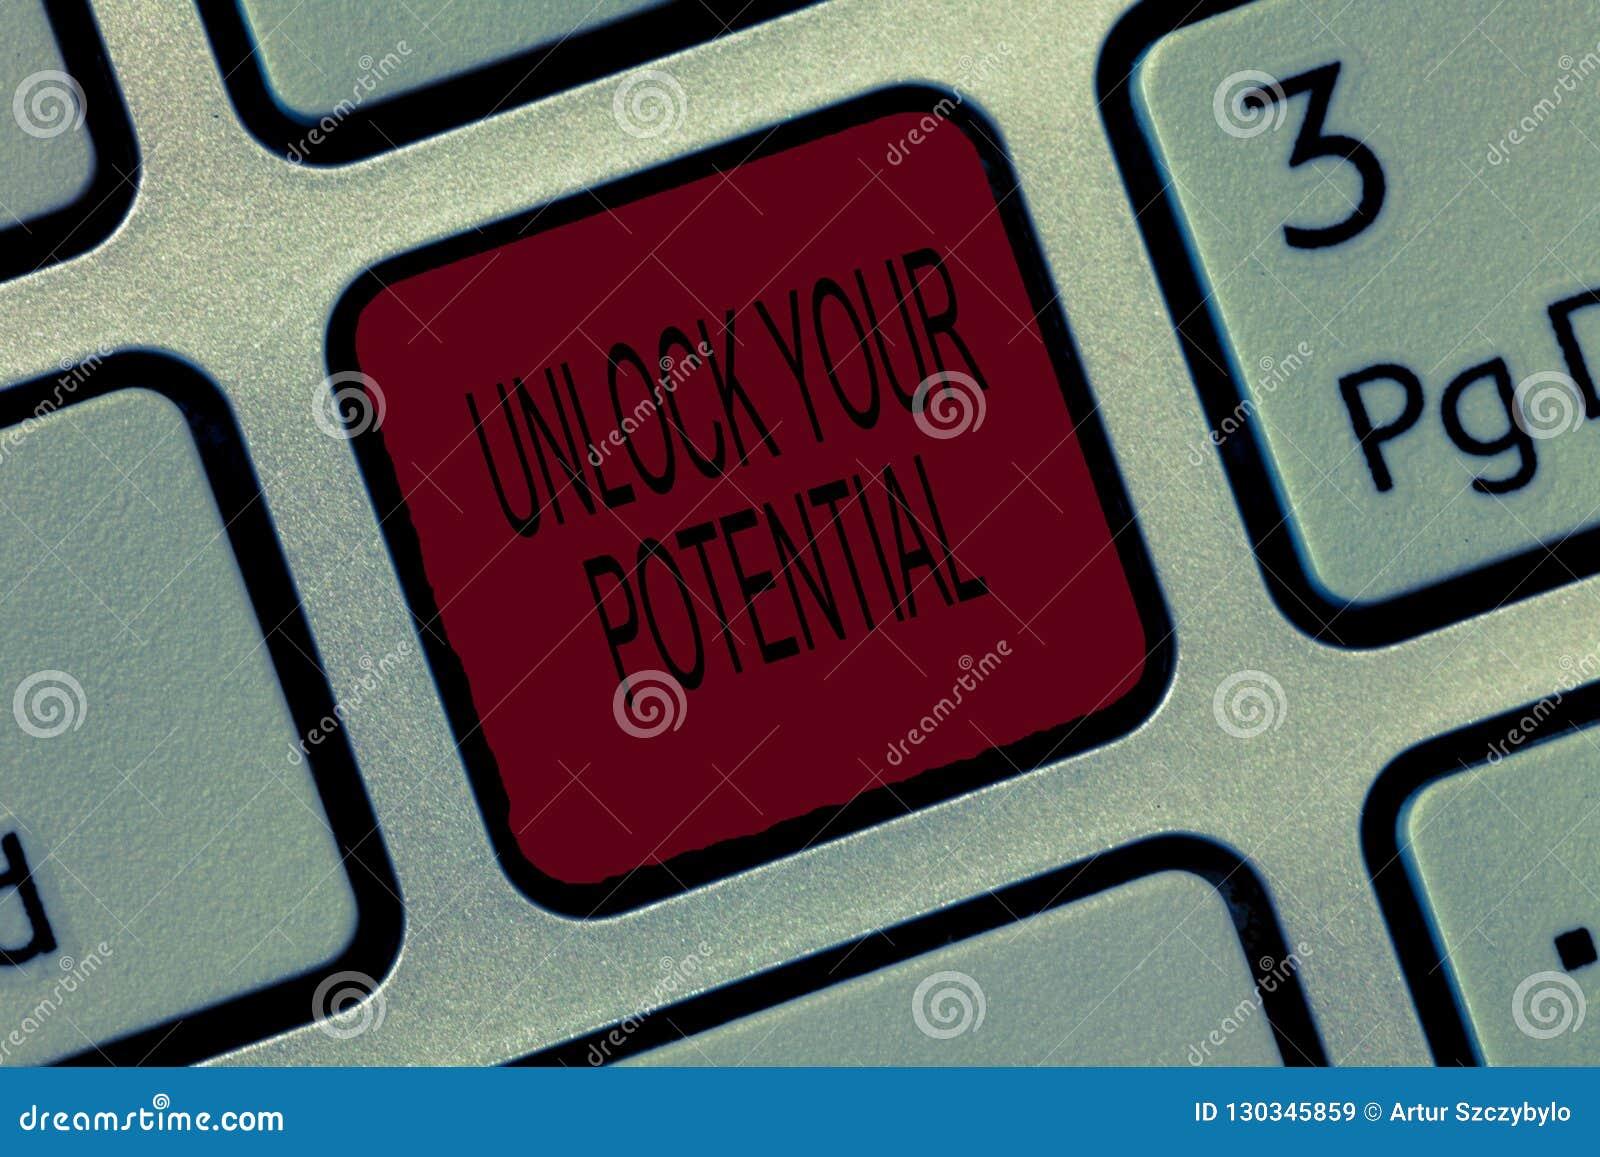 文字笔记陈列打开您潜在的问题 企业照片陈列最大化您的能力用途上帝特定礼物